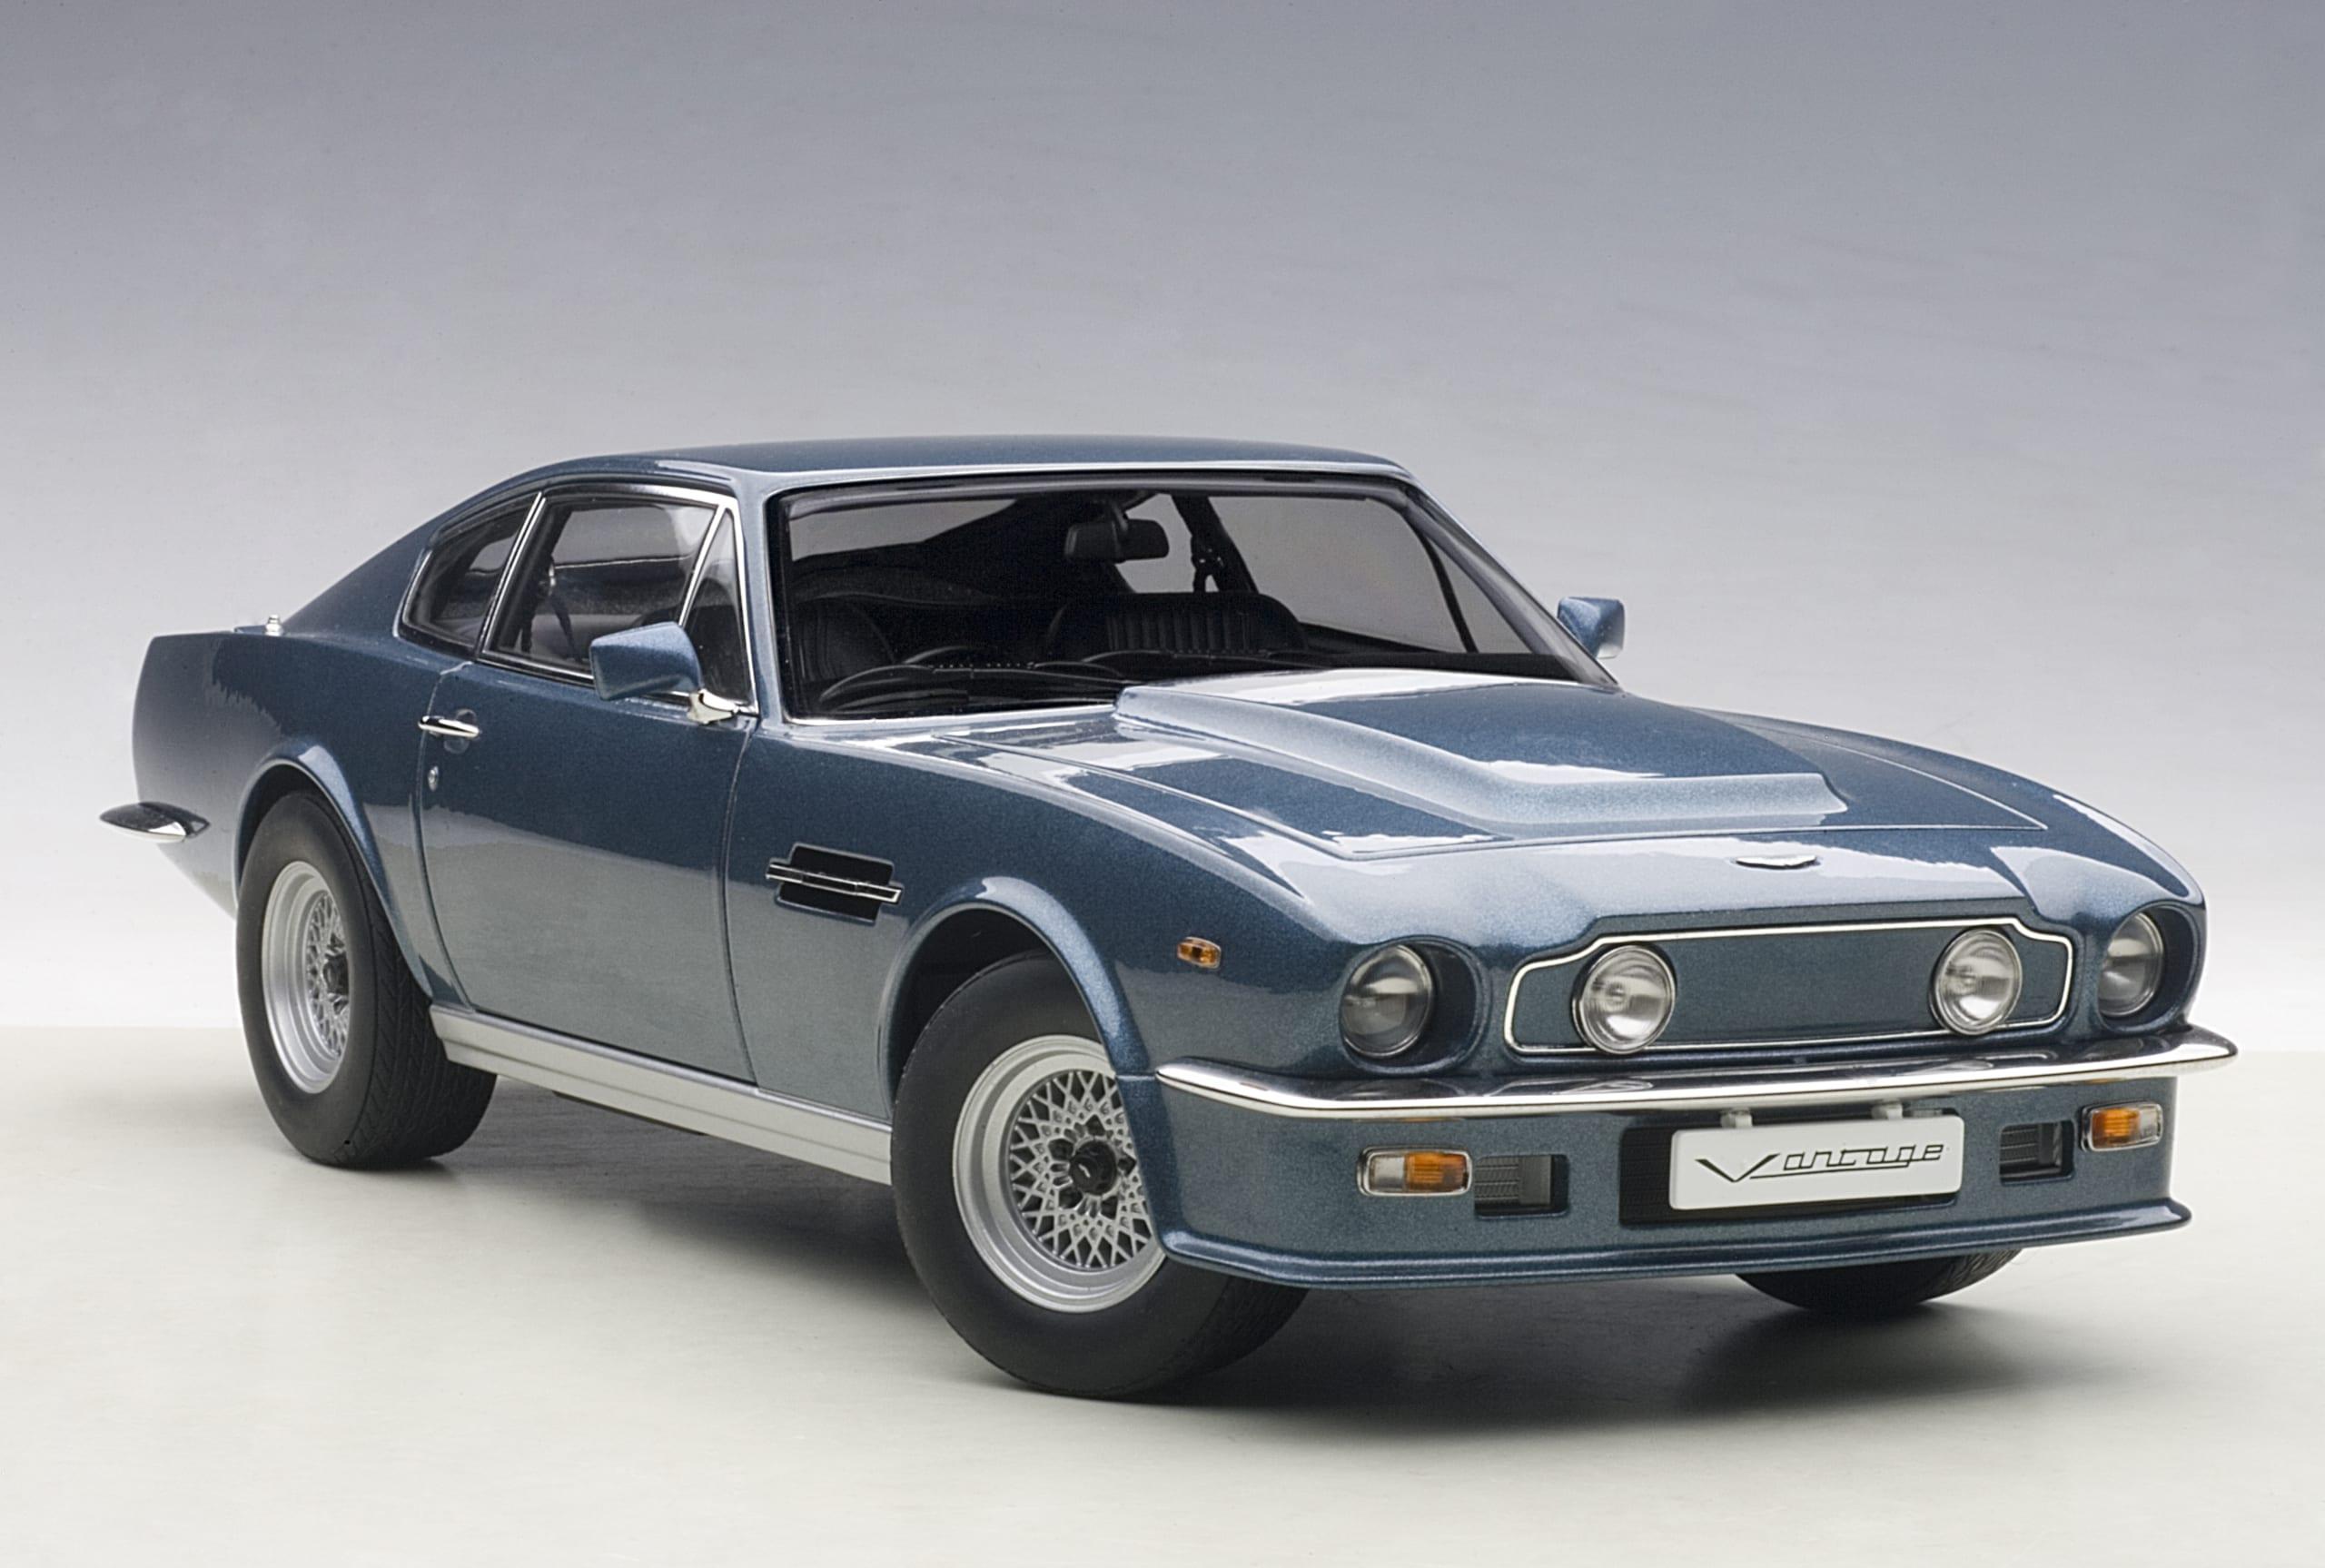 Aston Martin V8 Vantage 1985 Chichester Blue Autoart